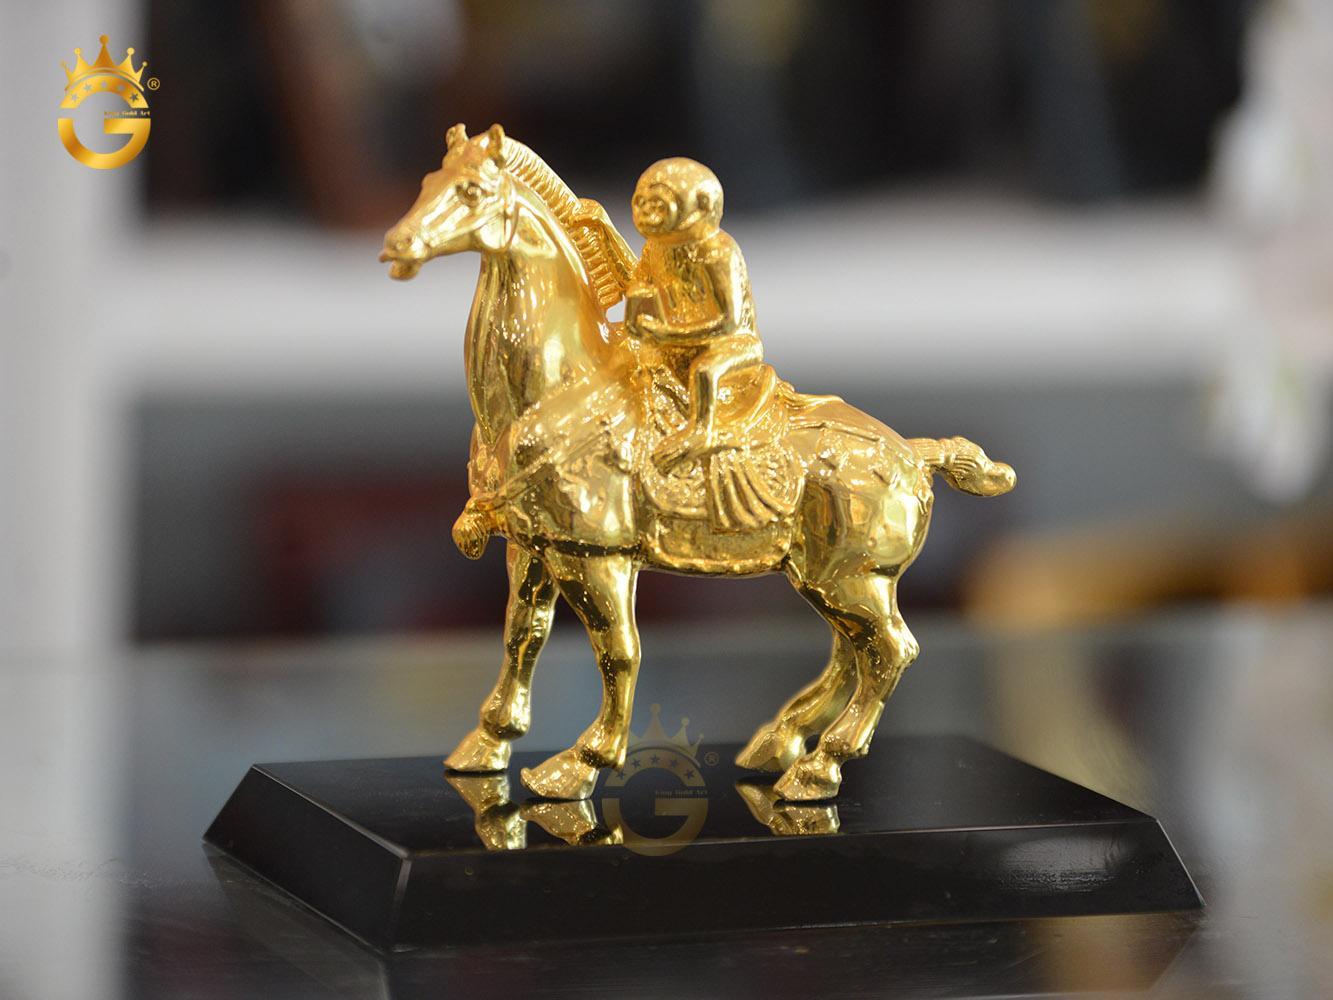 Quà tặng linh vật phong thủy, tượng mã thượng phong hầu mạ vàng 24k